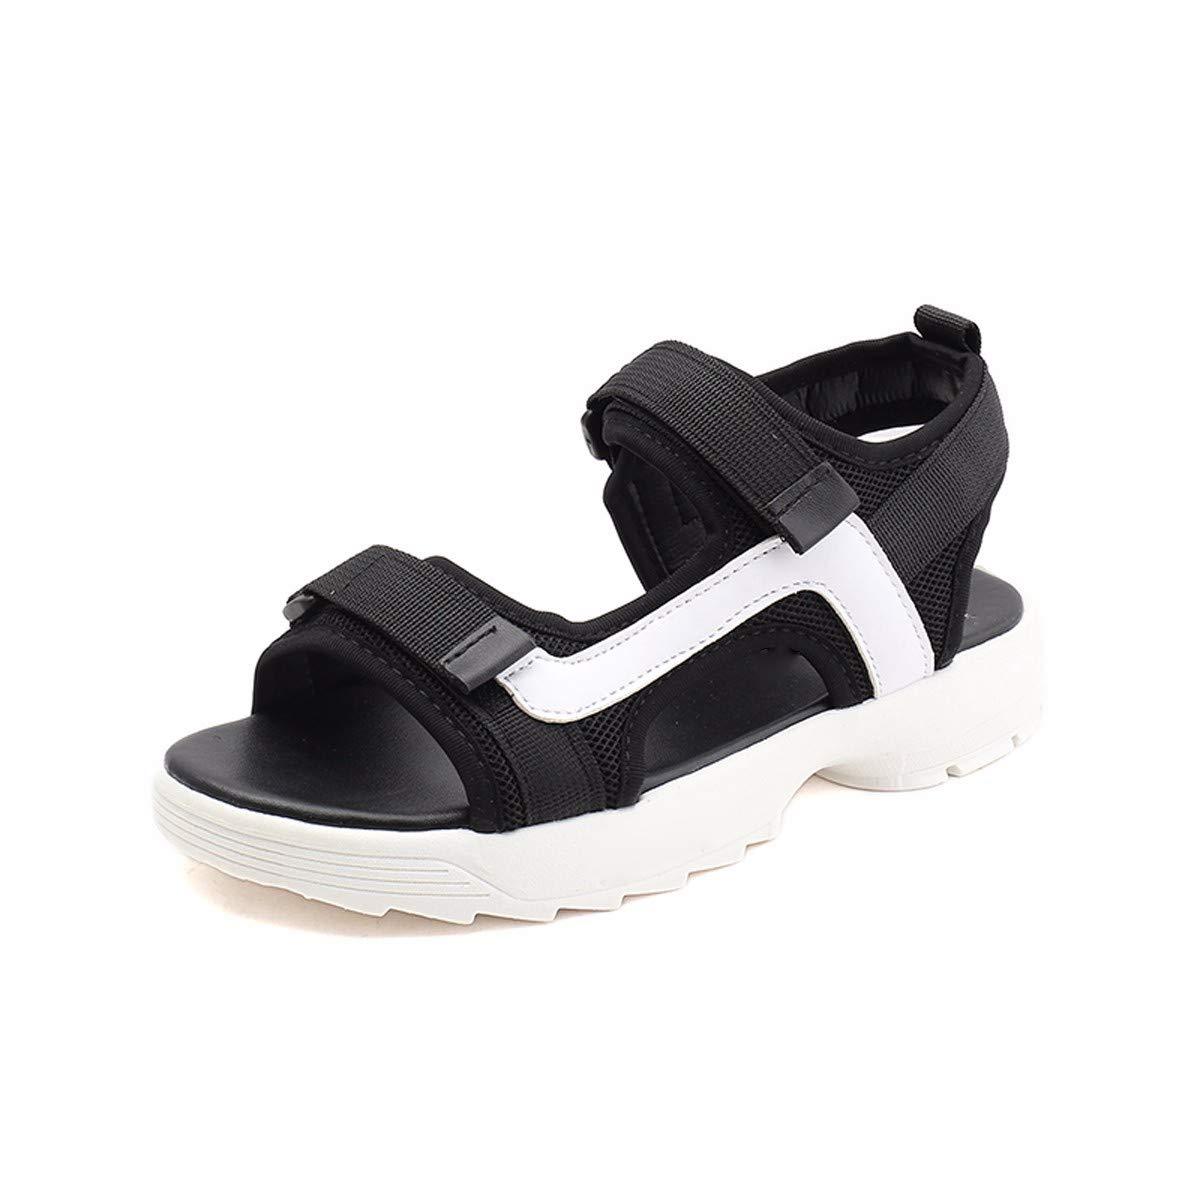 KPHY Chaussures pour Femmes/Sandales De Sport Femmes Summer Hara Harbin Flat Net des Chaussures Rouges Étudiant Trente - Huit Black